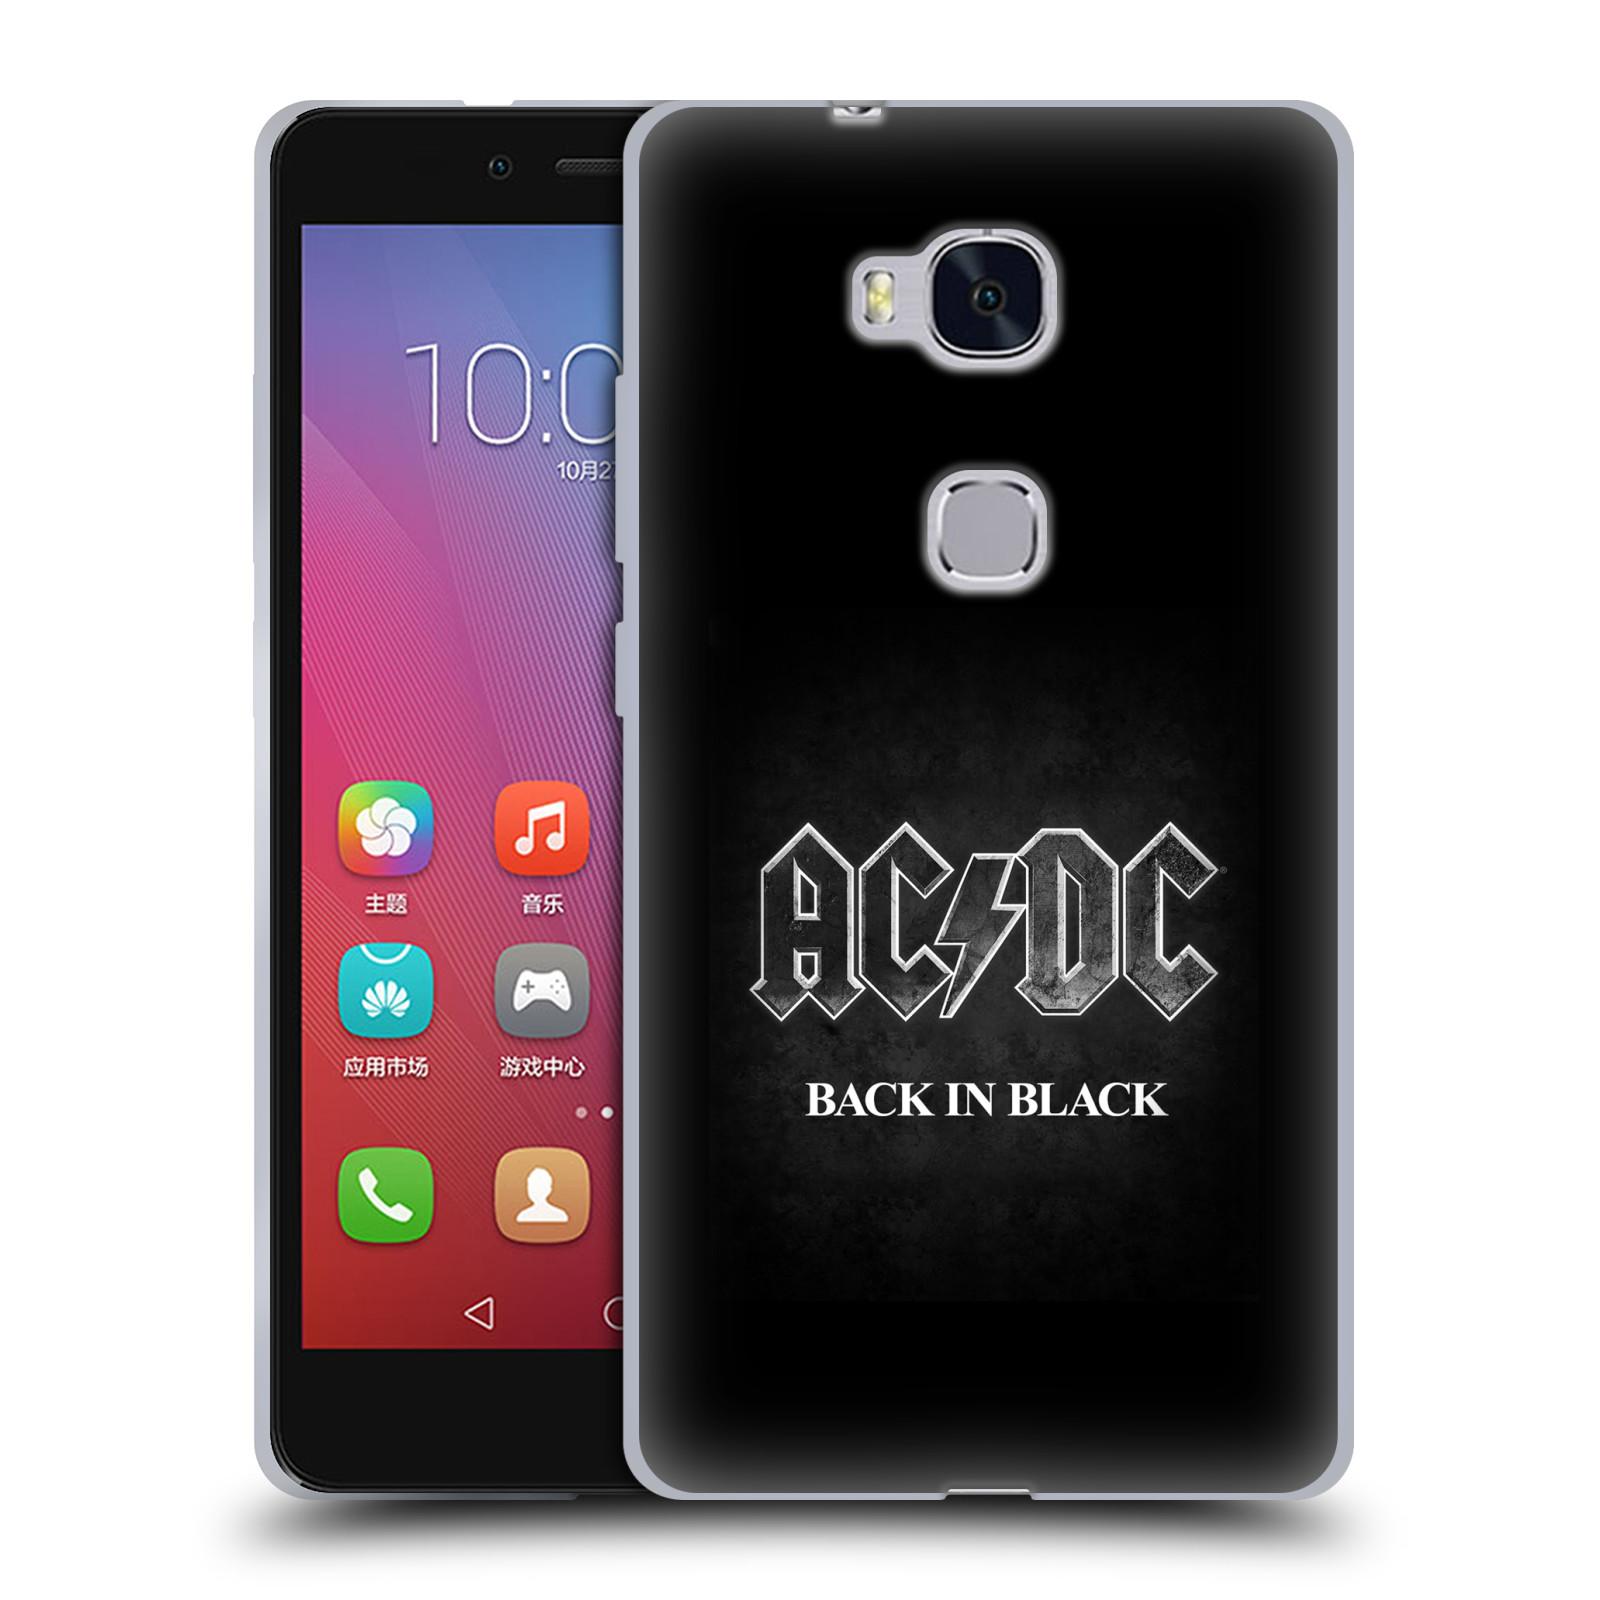 Silikonové pouzdro na mobil Honor 5X HEAD CASE AC/DC BACK IN BLACK (Silikonový kryt či obal na mobilní telefon s oficiálním motivem australské skupiny AC/DC pro Huawei Honor 5X)